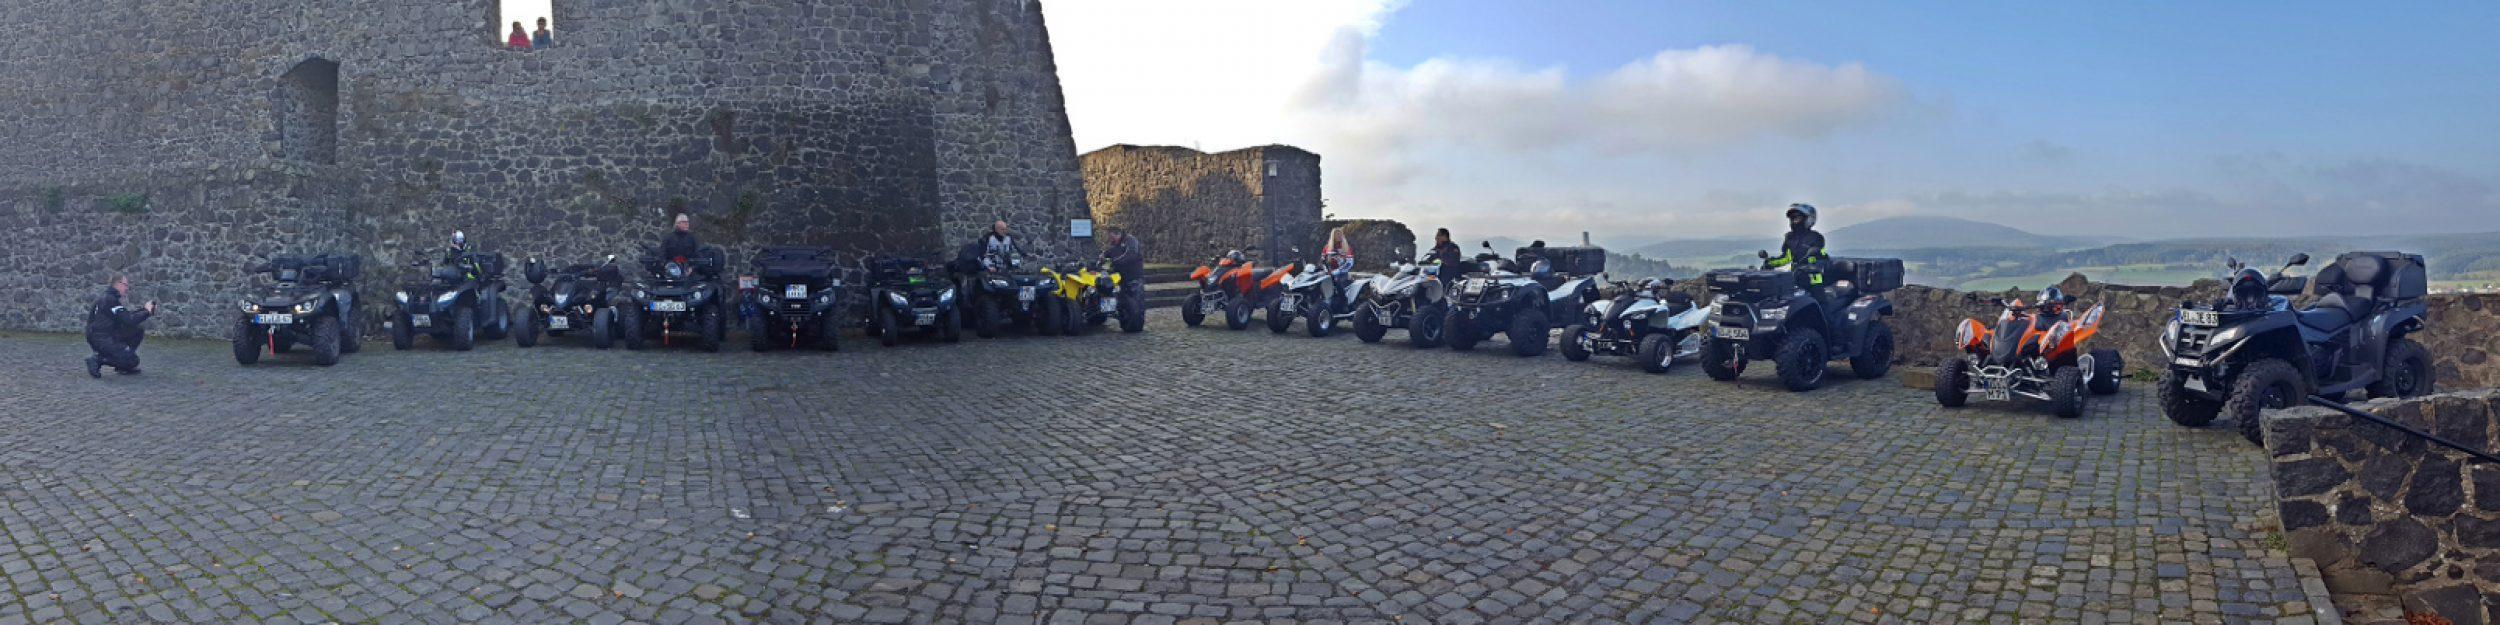 Quad- und ATV Crew Giessen e.V.